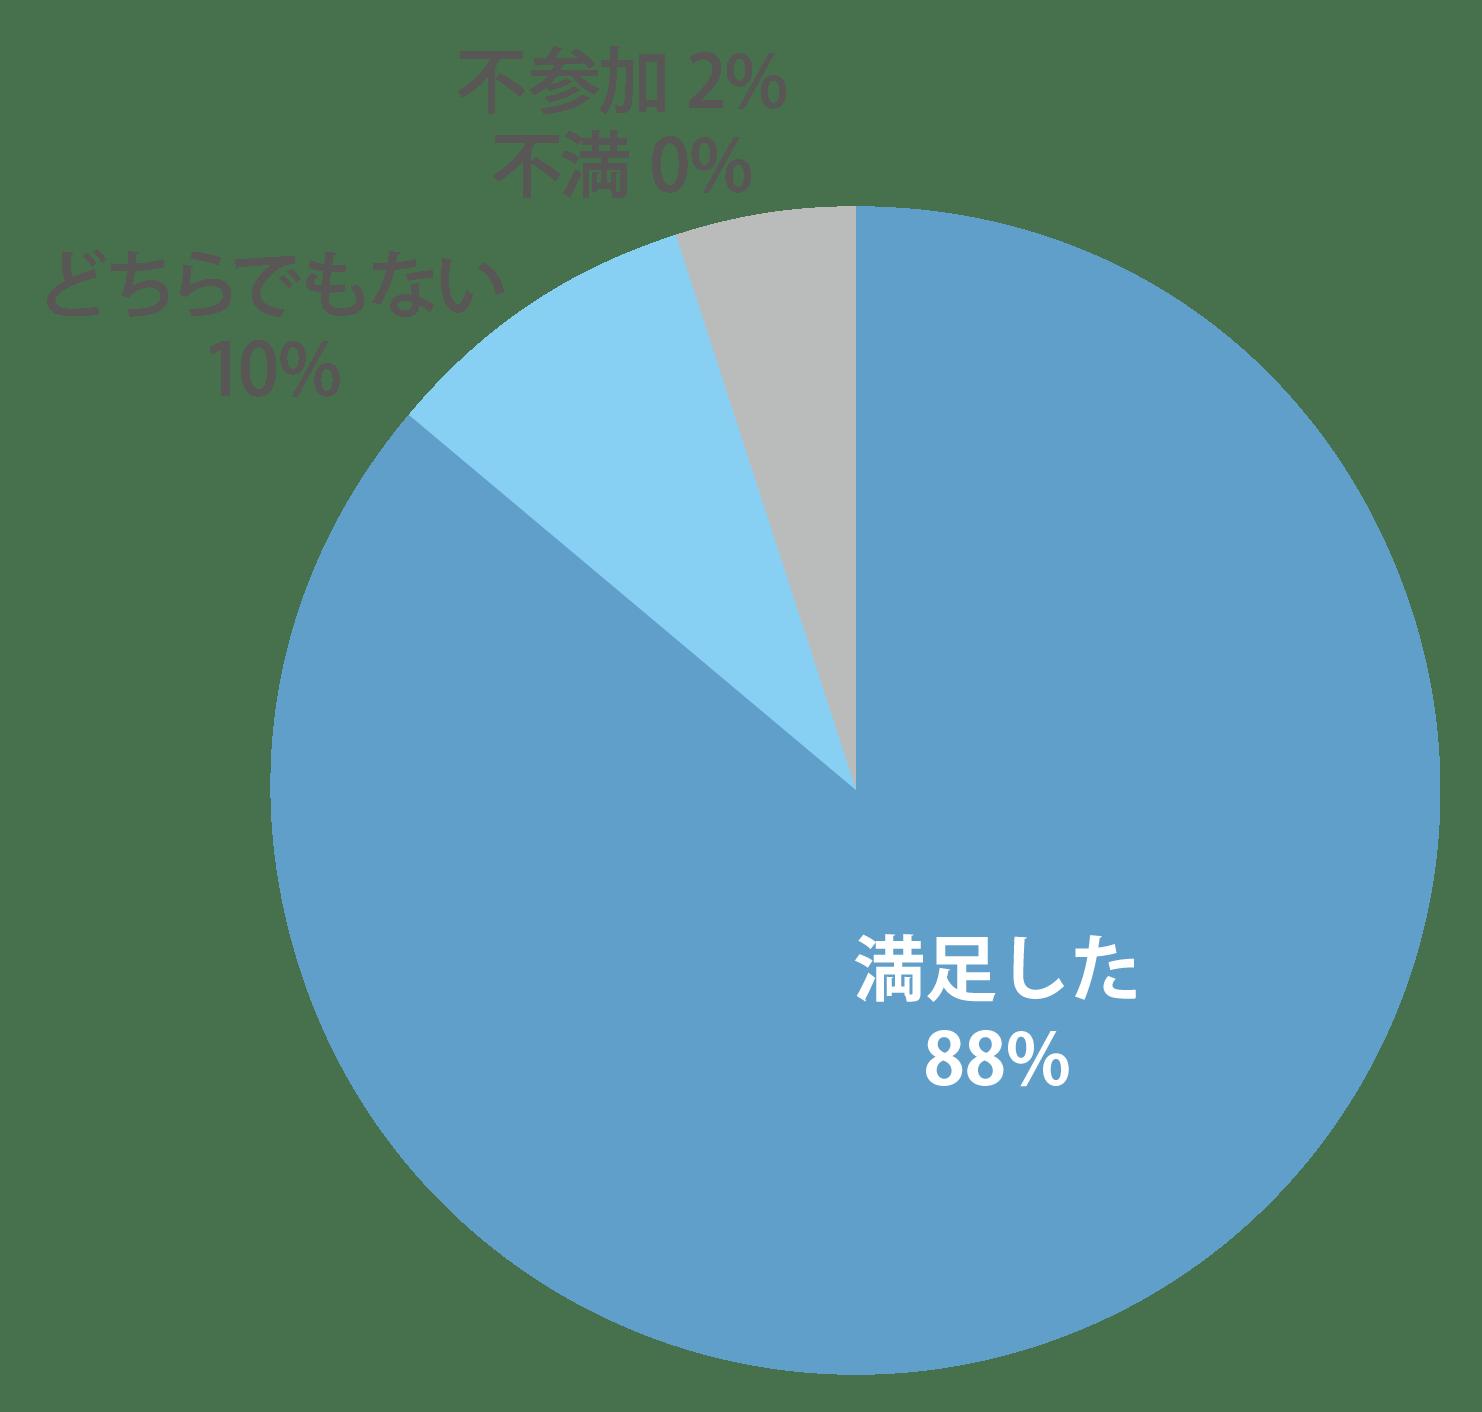 シリウスビジョンフェア 満足度円グラフ